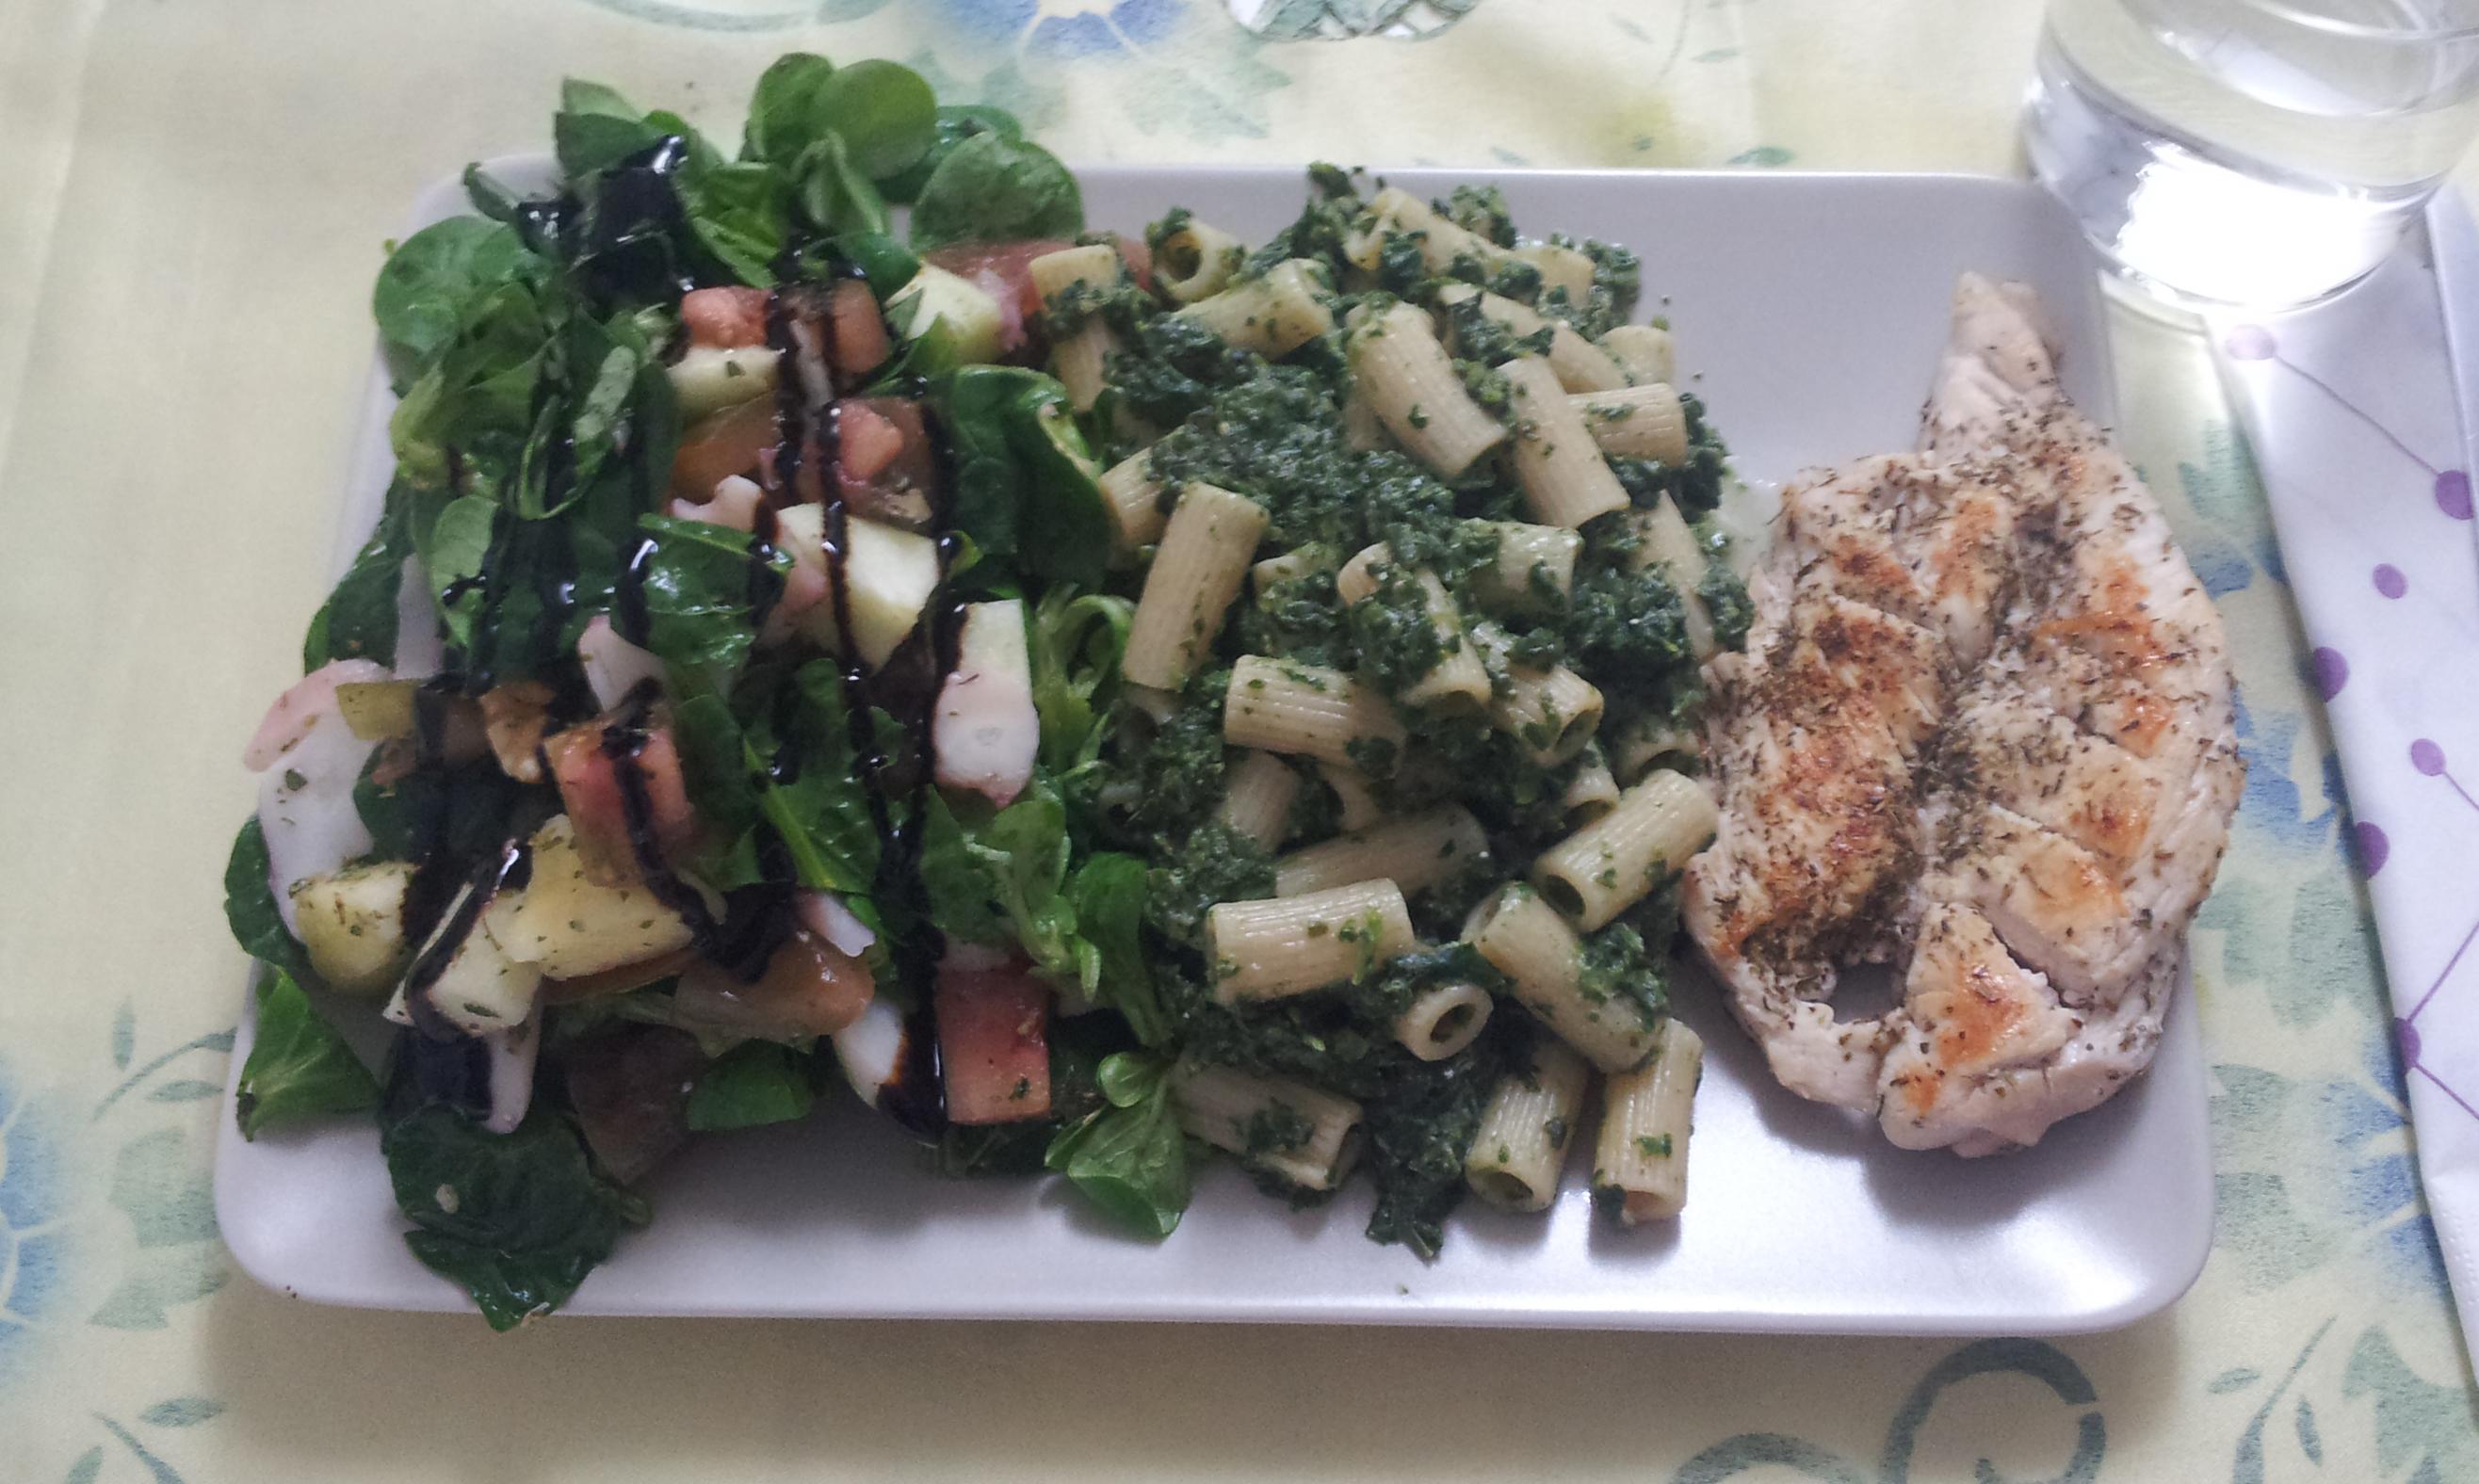 comida saludable, comida sana